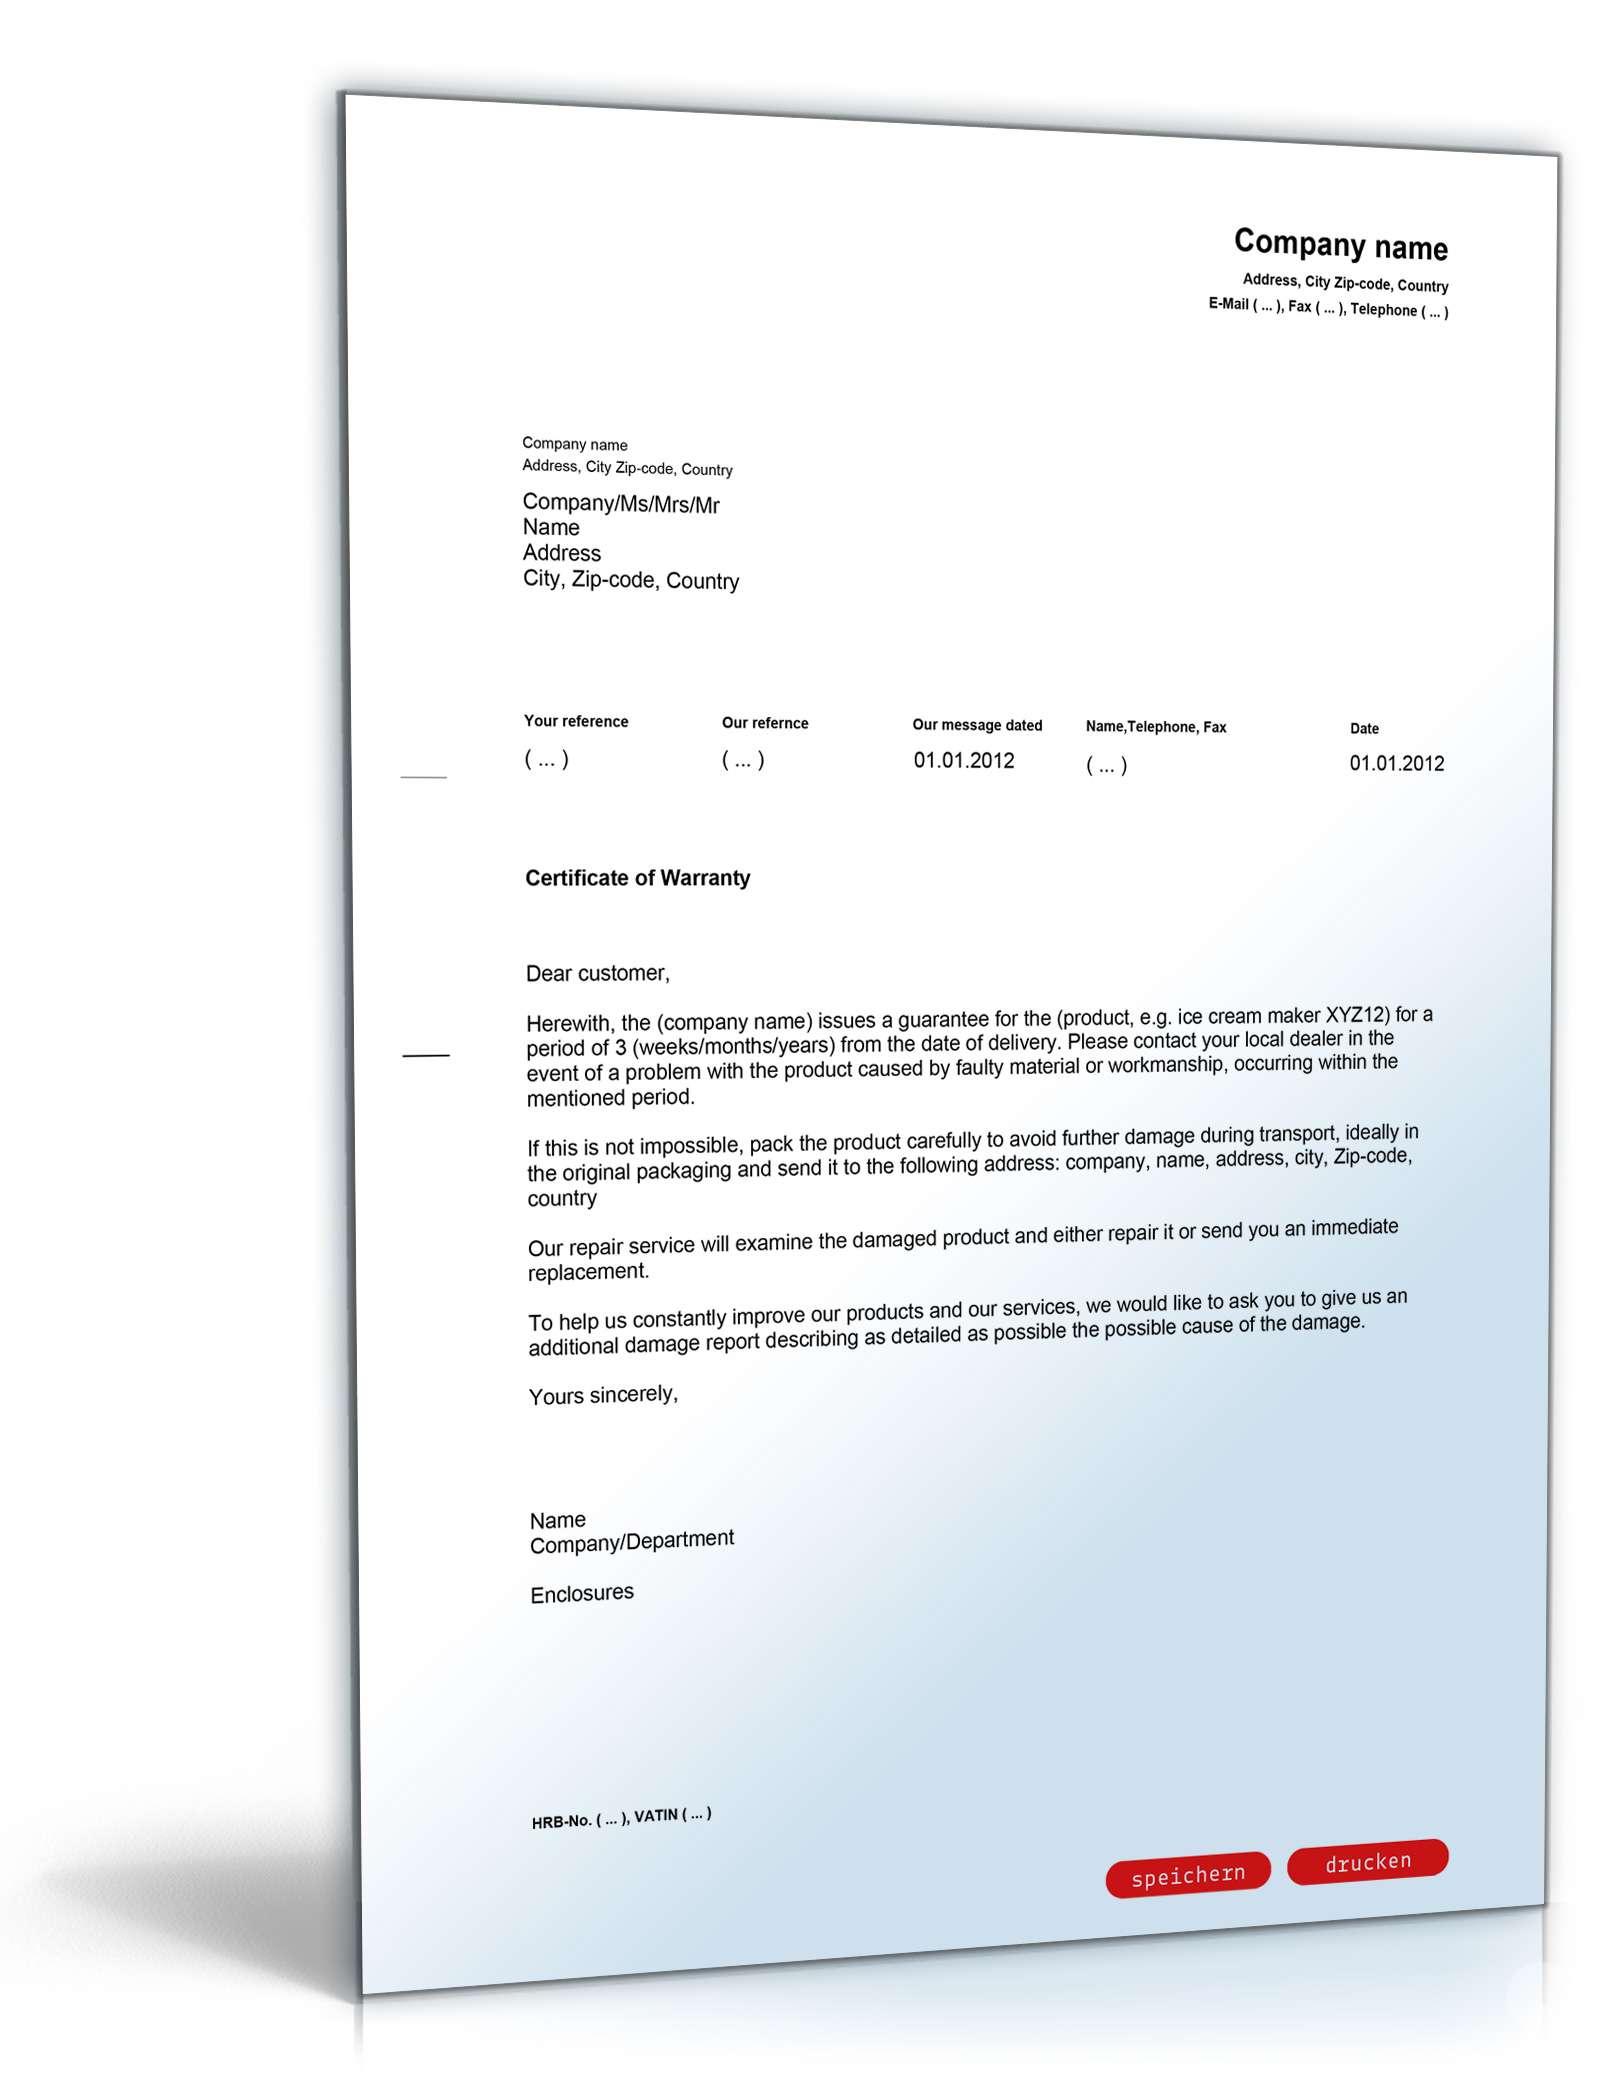 Garantieerklärung Englischdeutsch Vorlage Zum Download